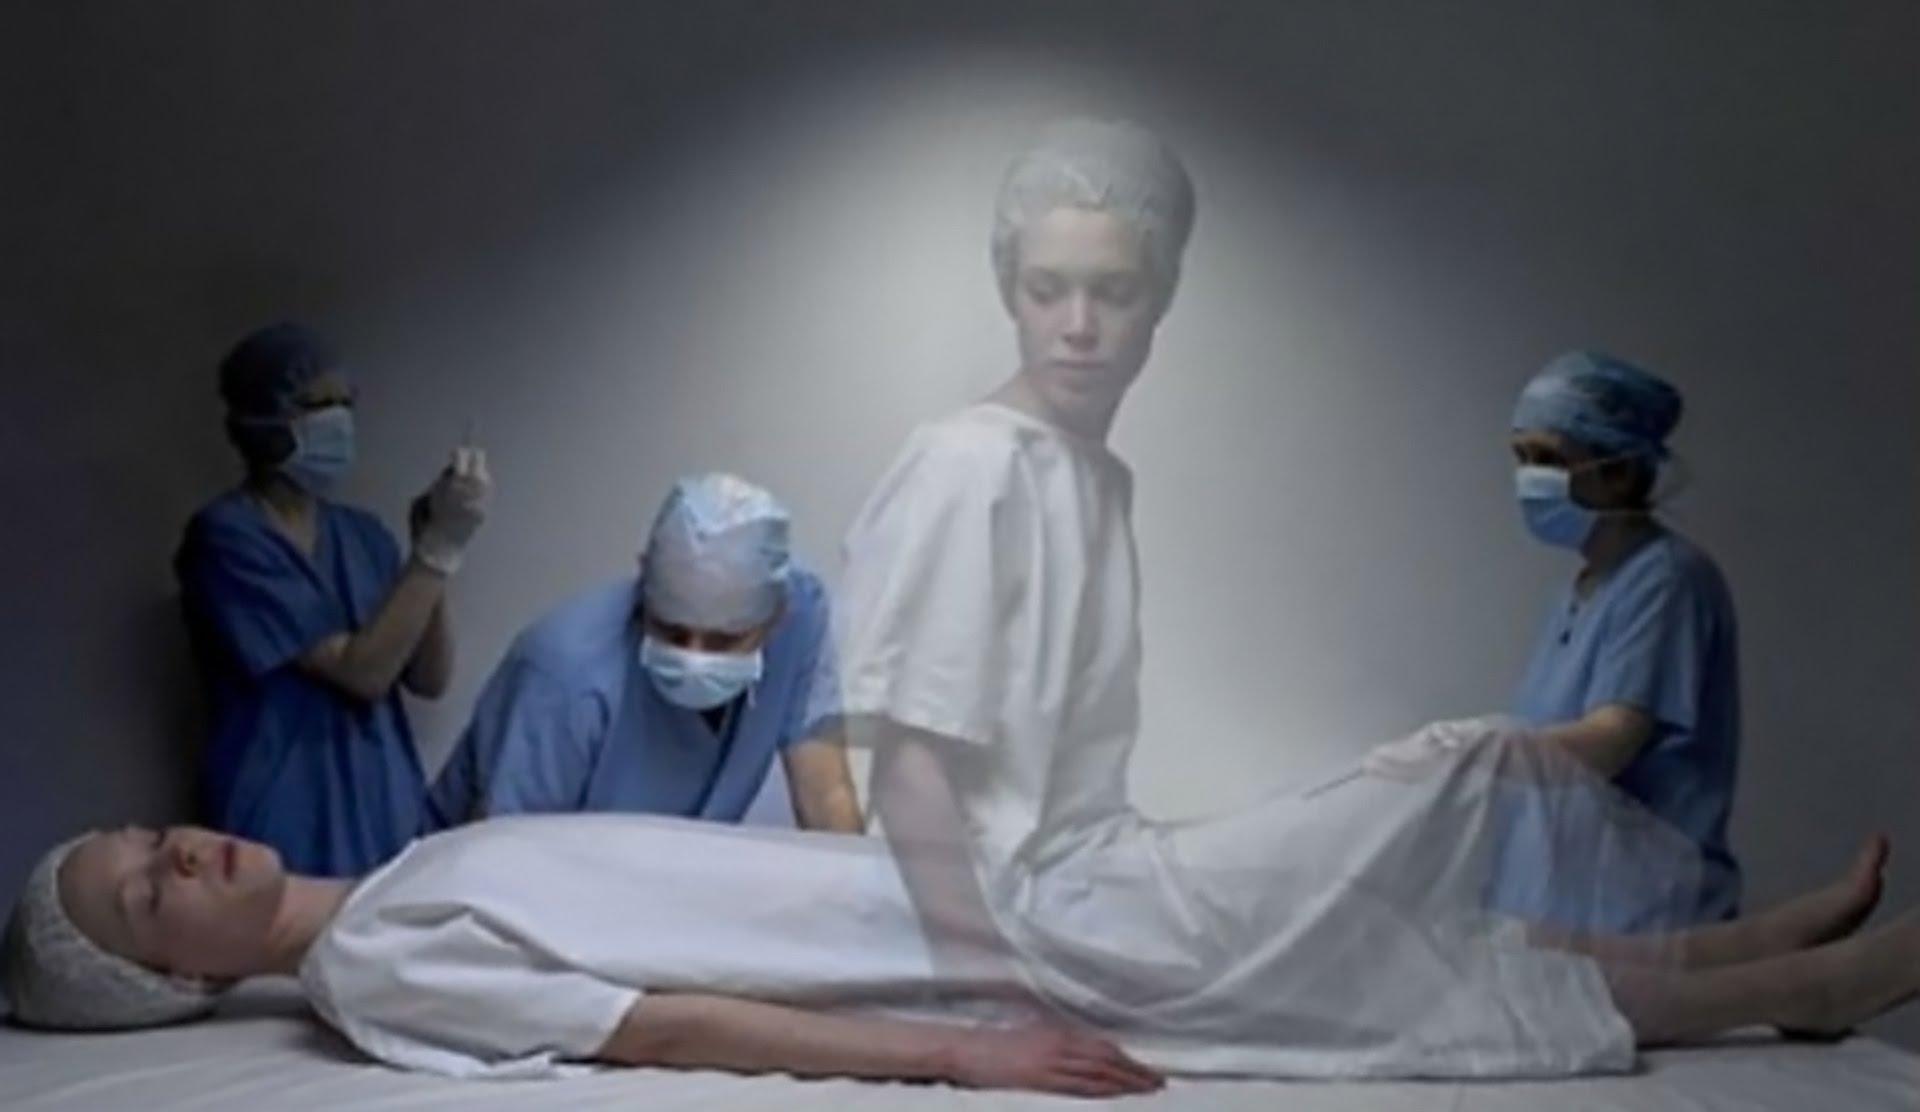 मृत्यु पछि पनि सक्रिय रहन्छ मानिसको शरीर, बैज्ञानिक खोजबाट पत्ता लाग्यो यस्तो तथ्य